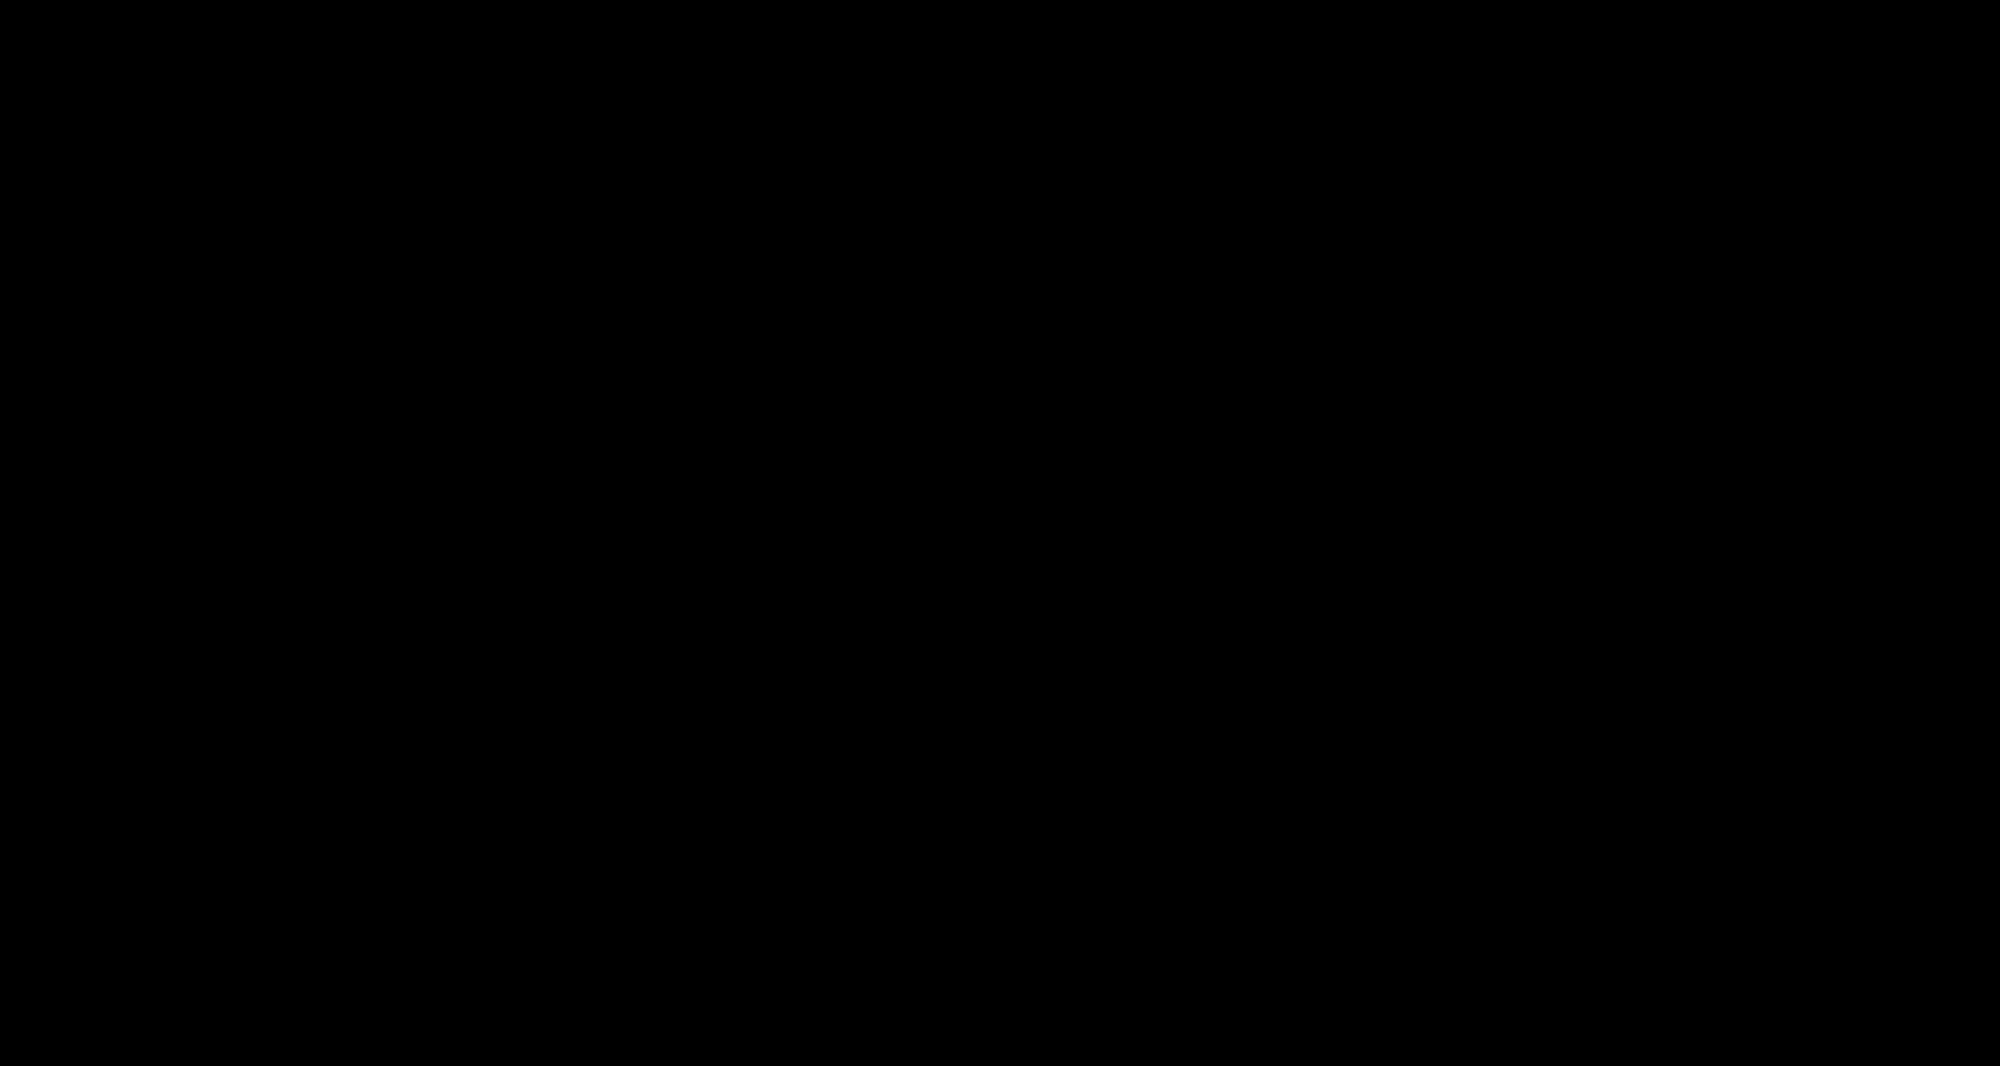 Thomas Trehus-logo-black.png